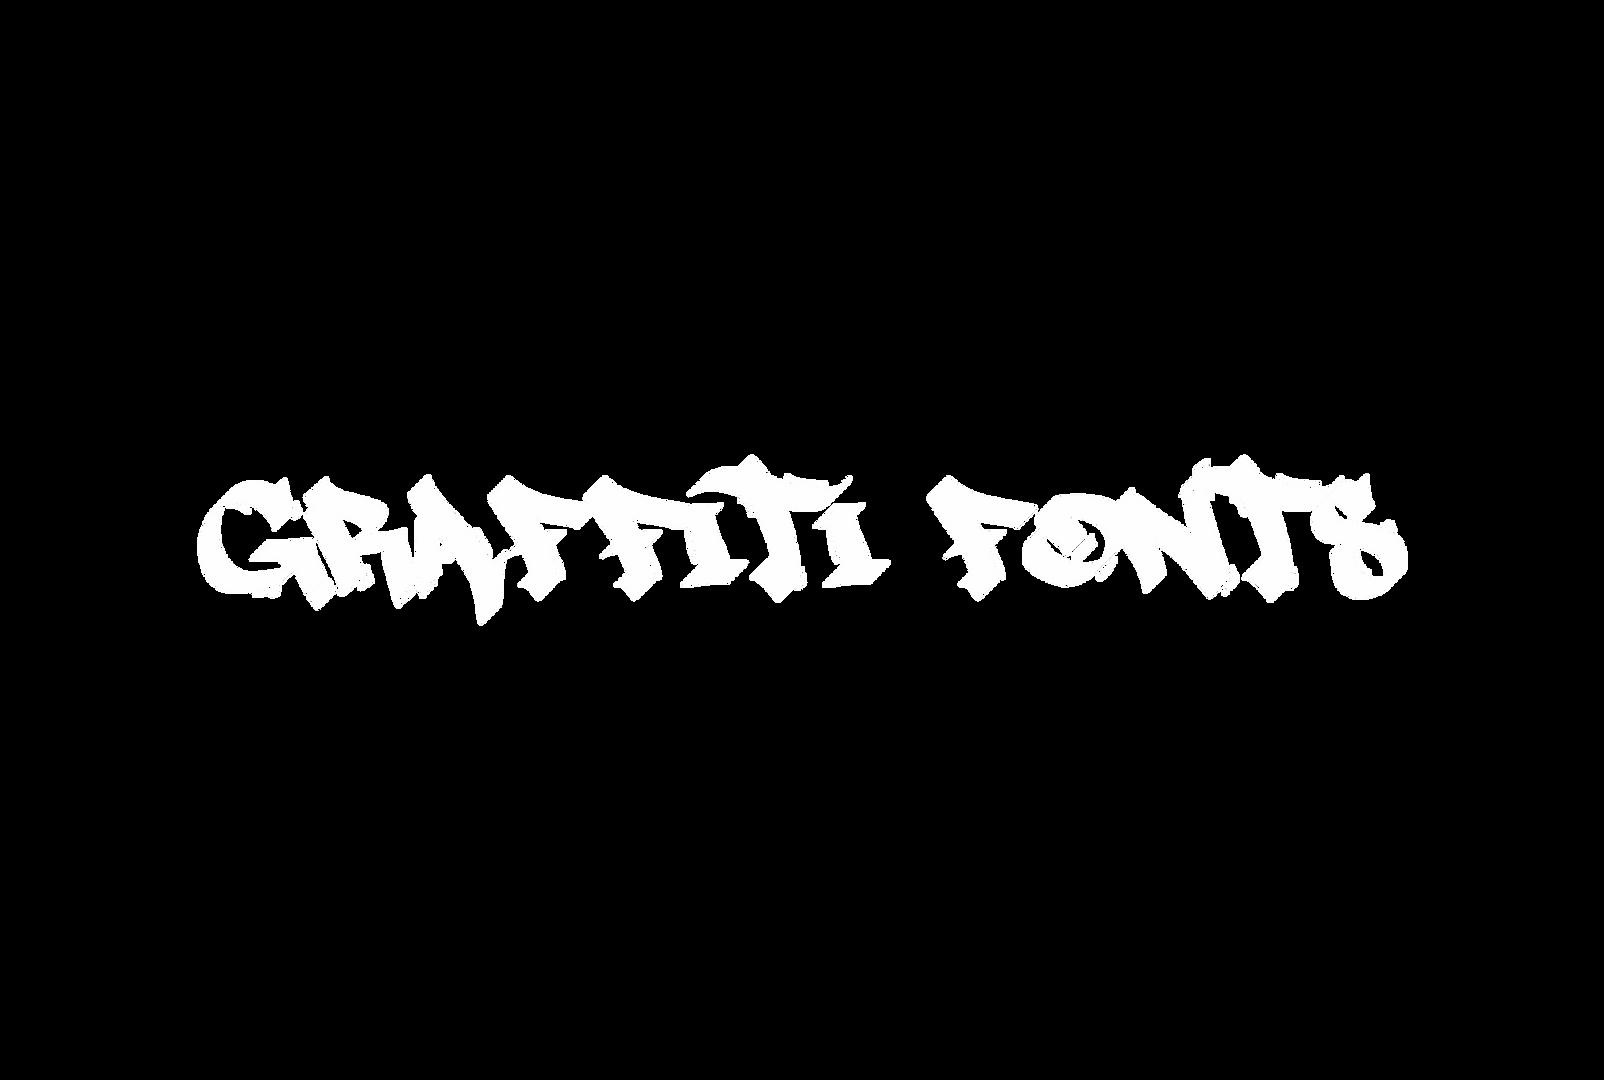 DigitalNetwork3D-Font (9).png